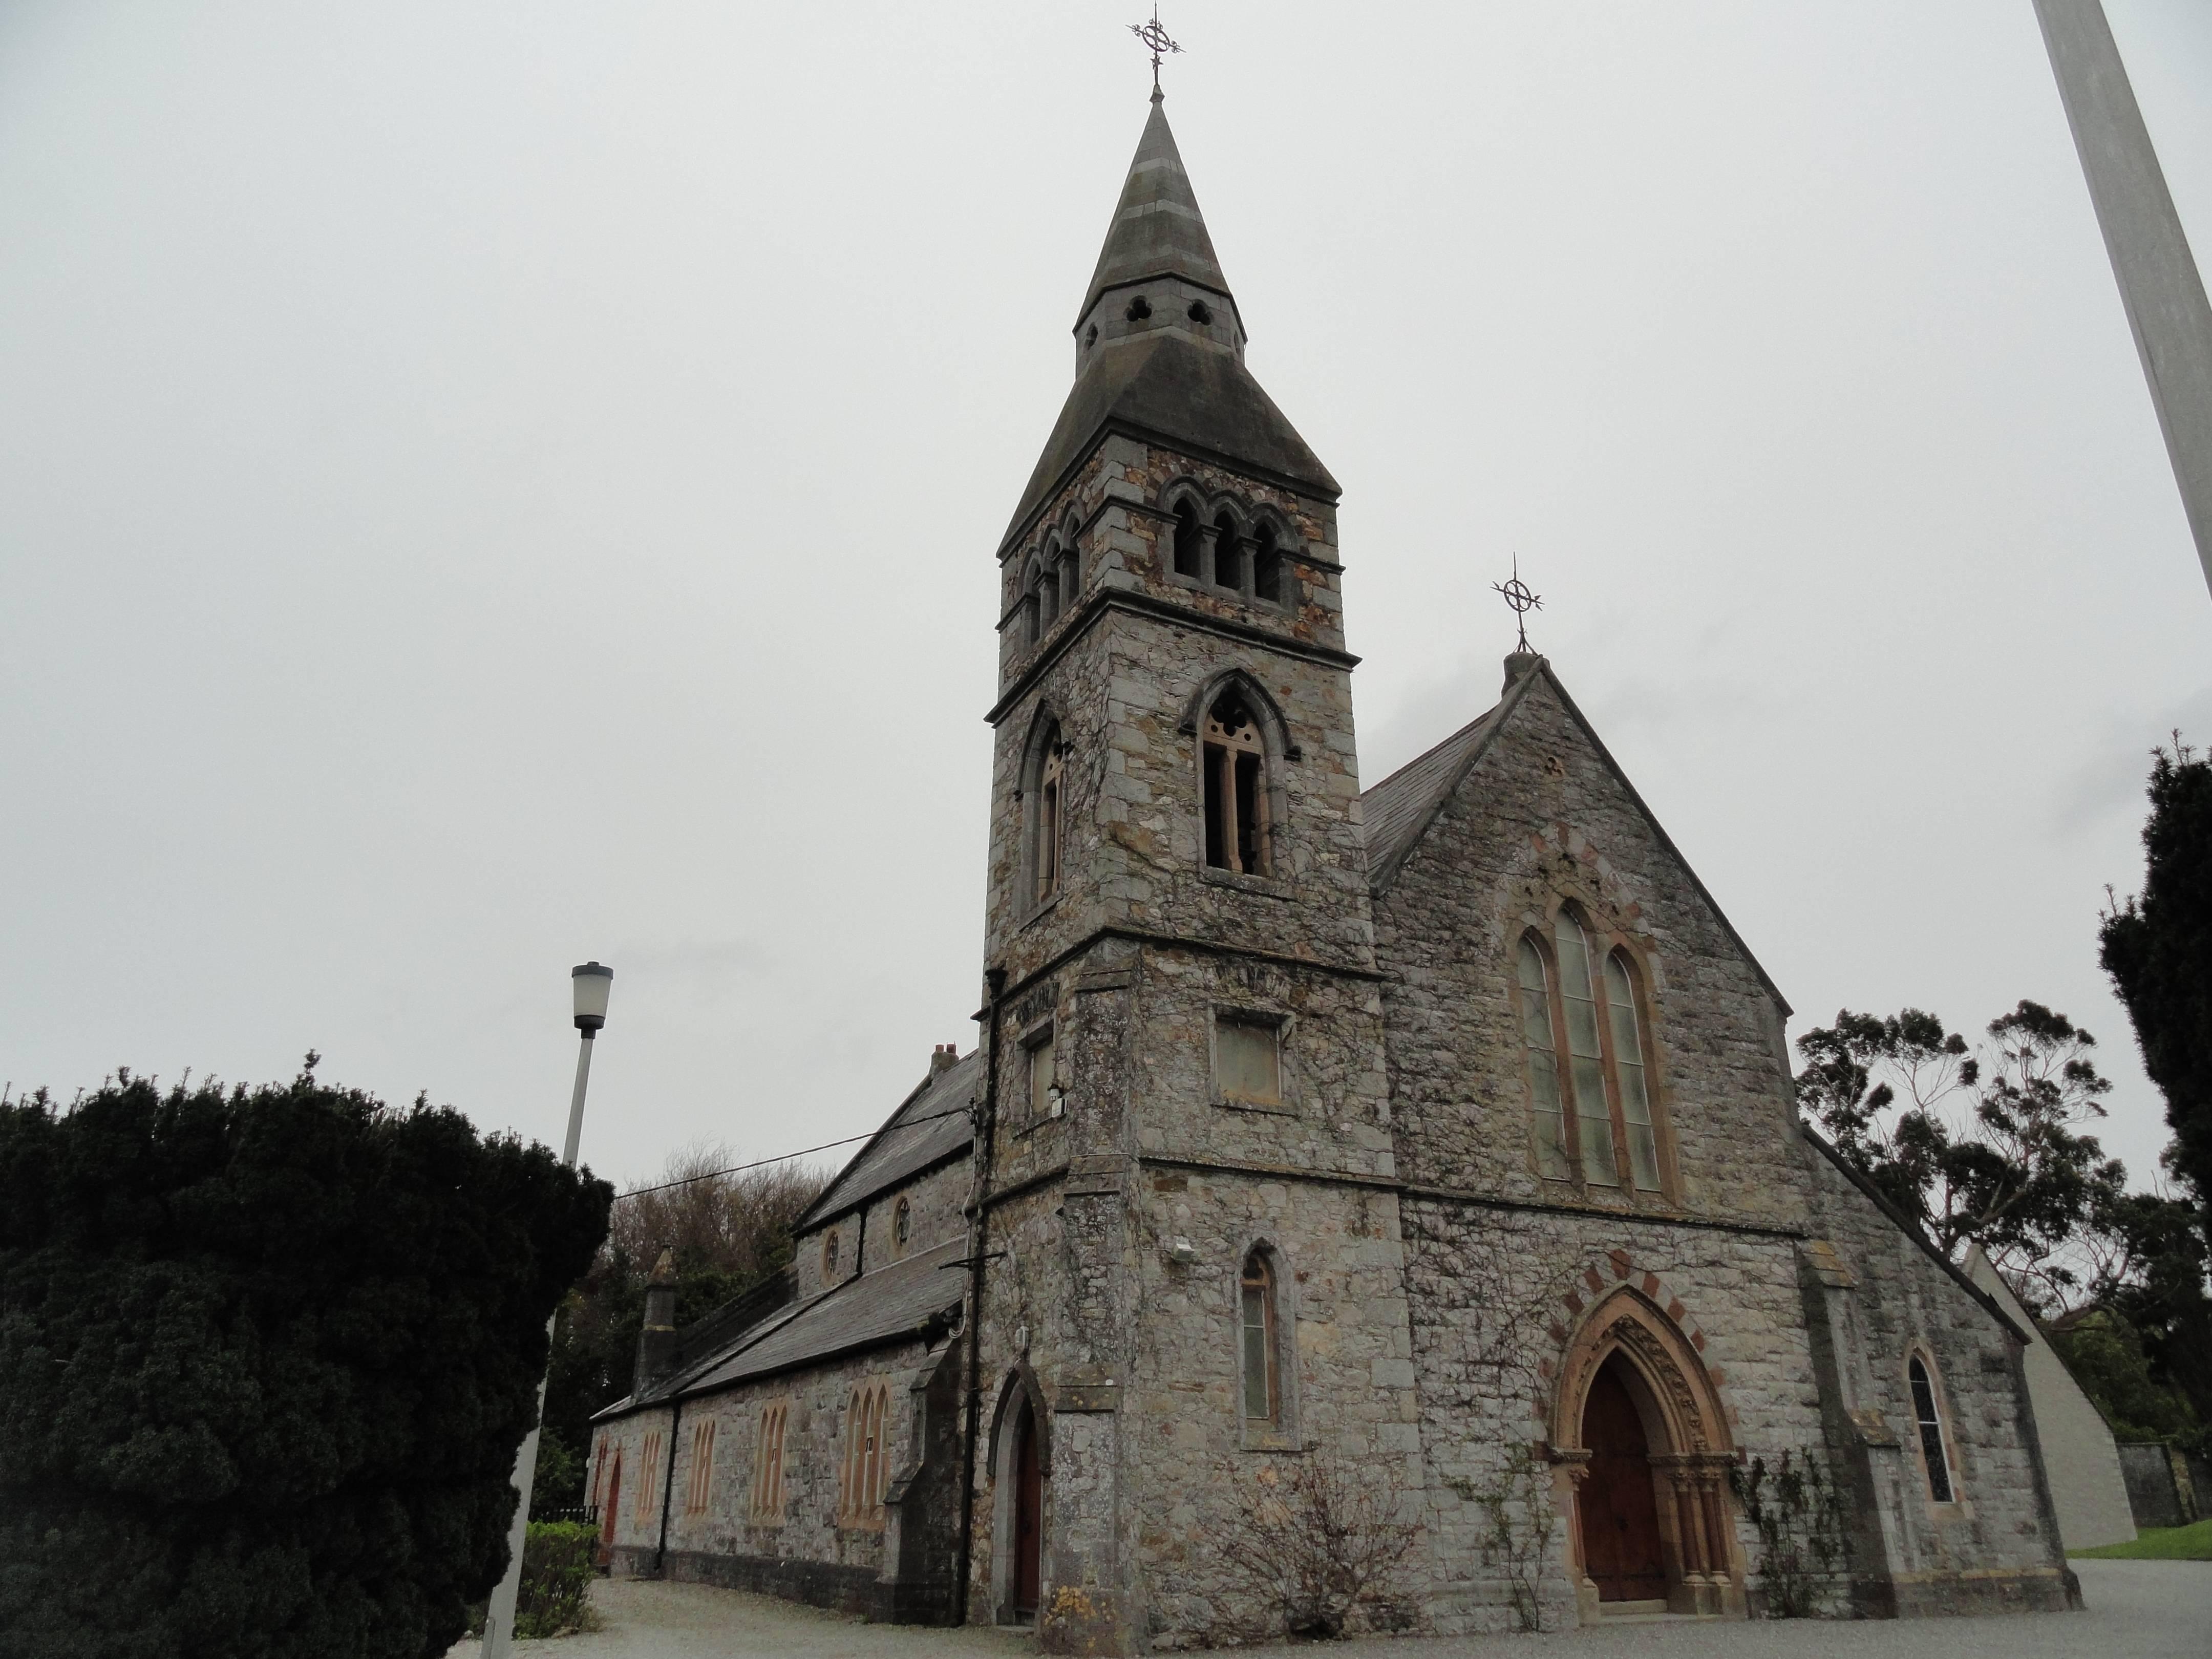 Photo 1: Howth, charmant village à deux pas de Dublin.